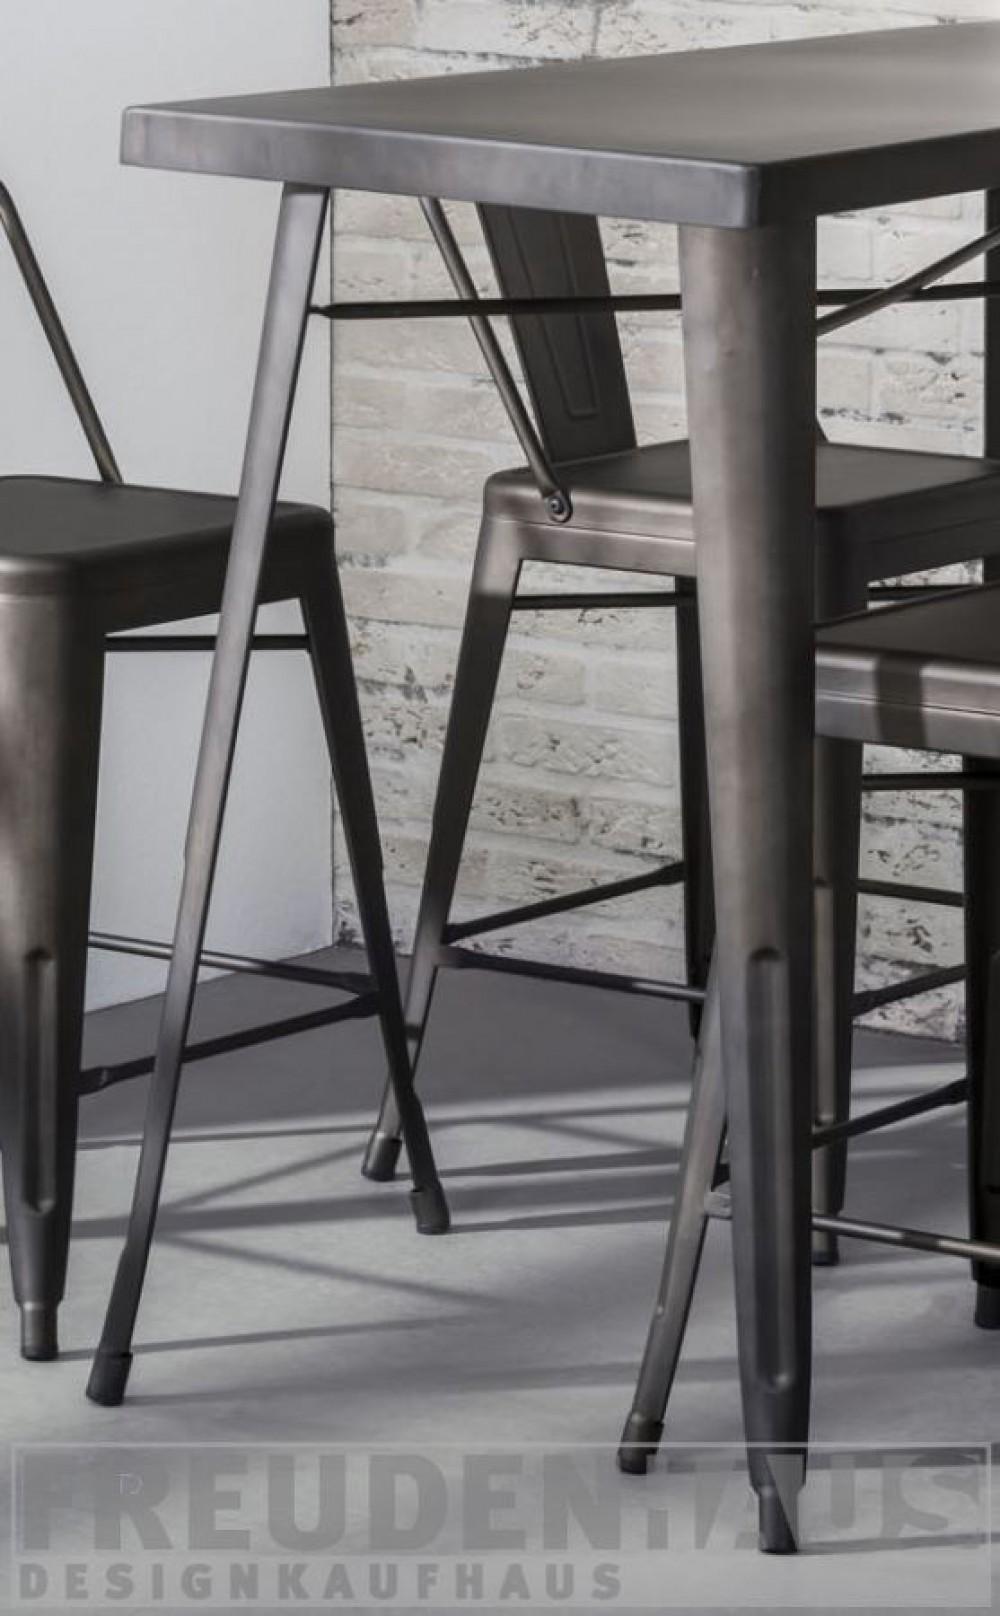 Bartisch Metall bartisch metall grau, tisch grau metall, höhe 92 cm